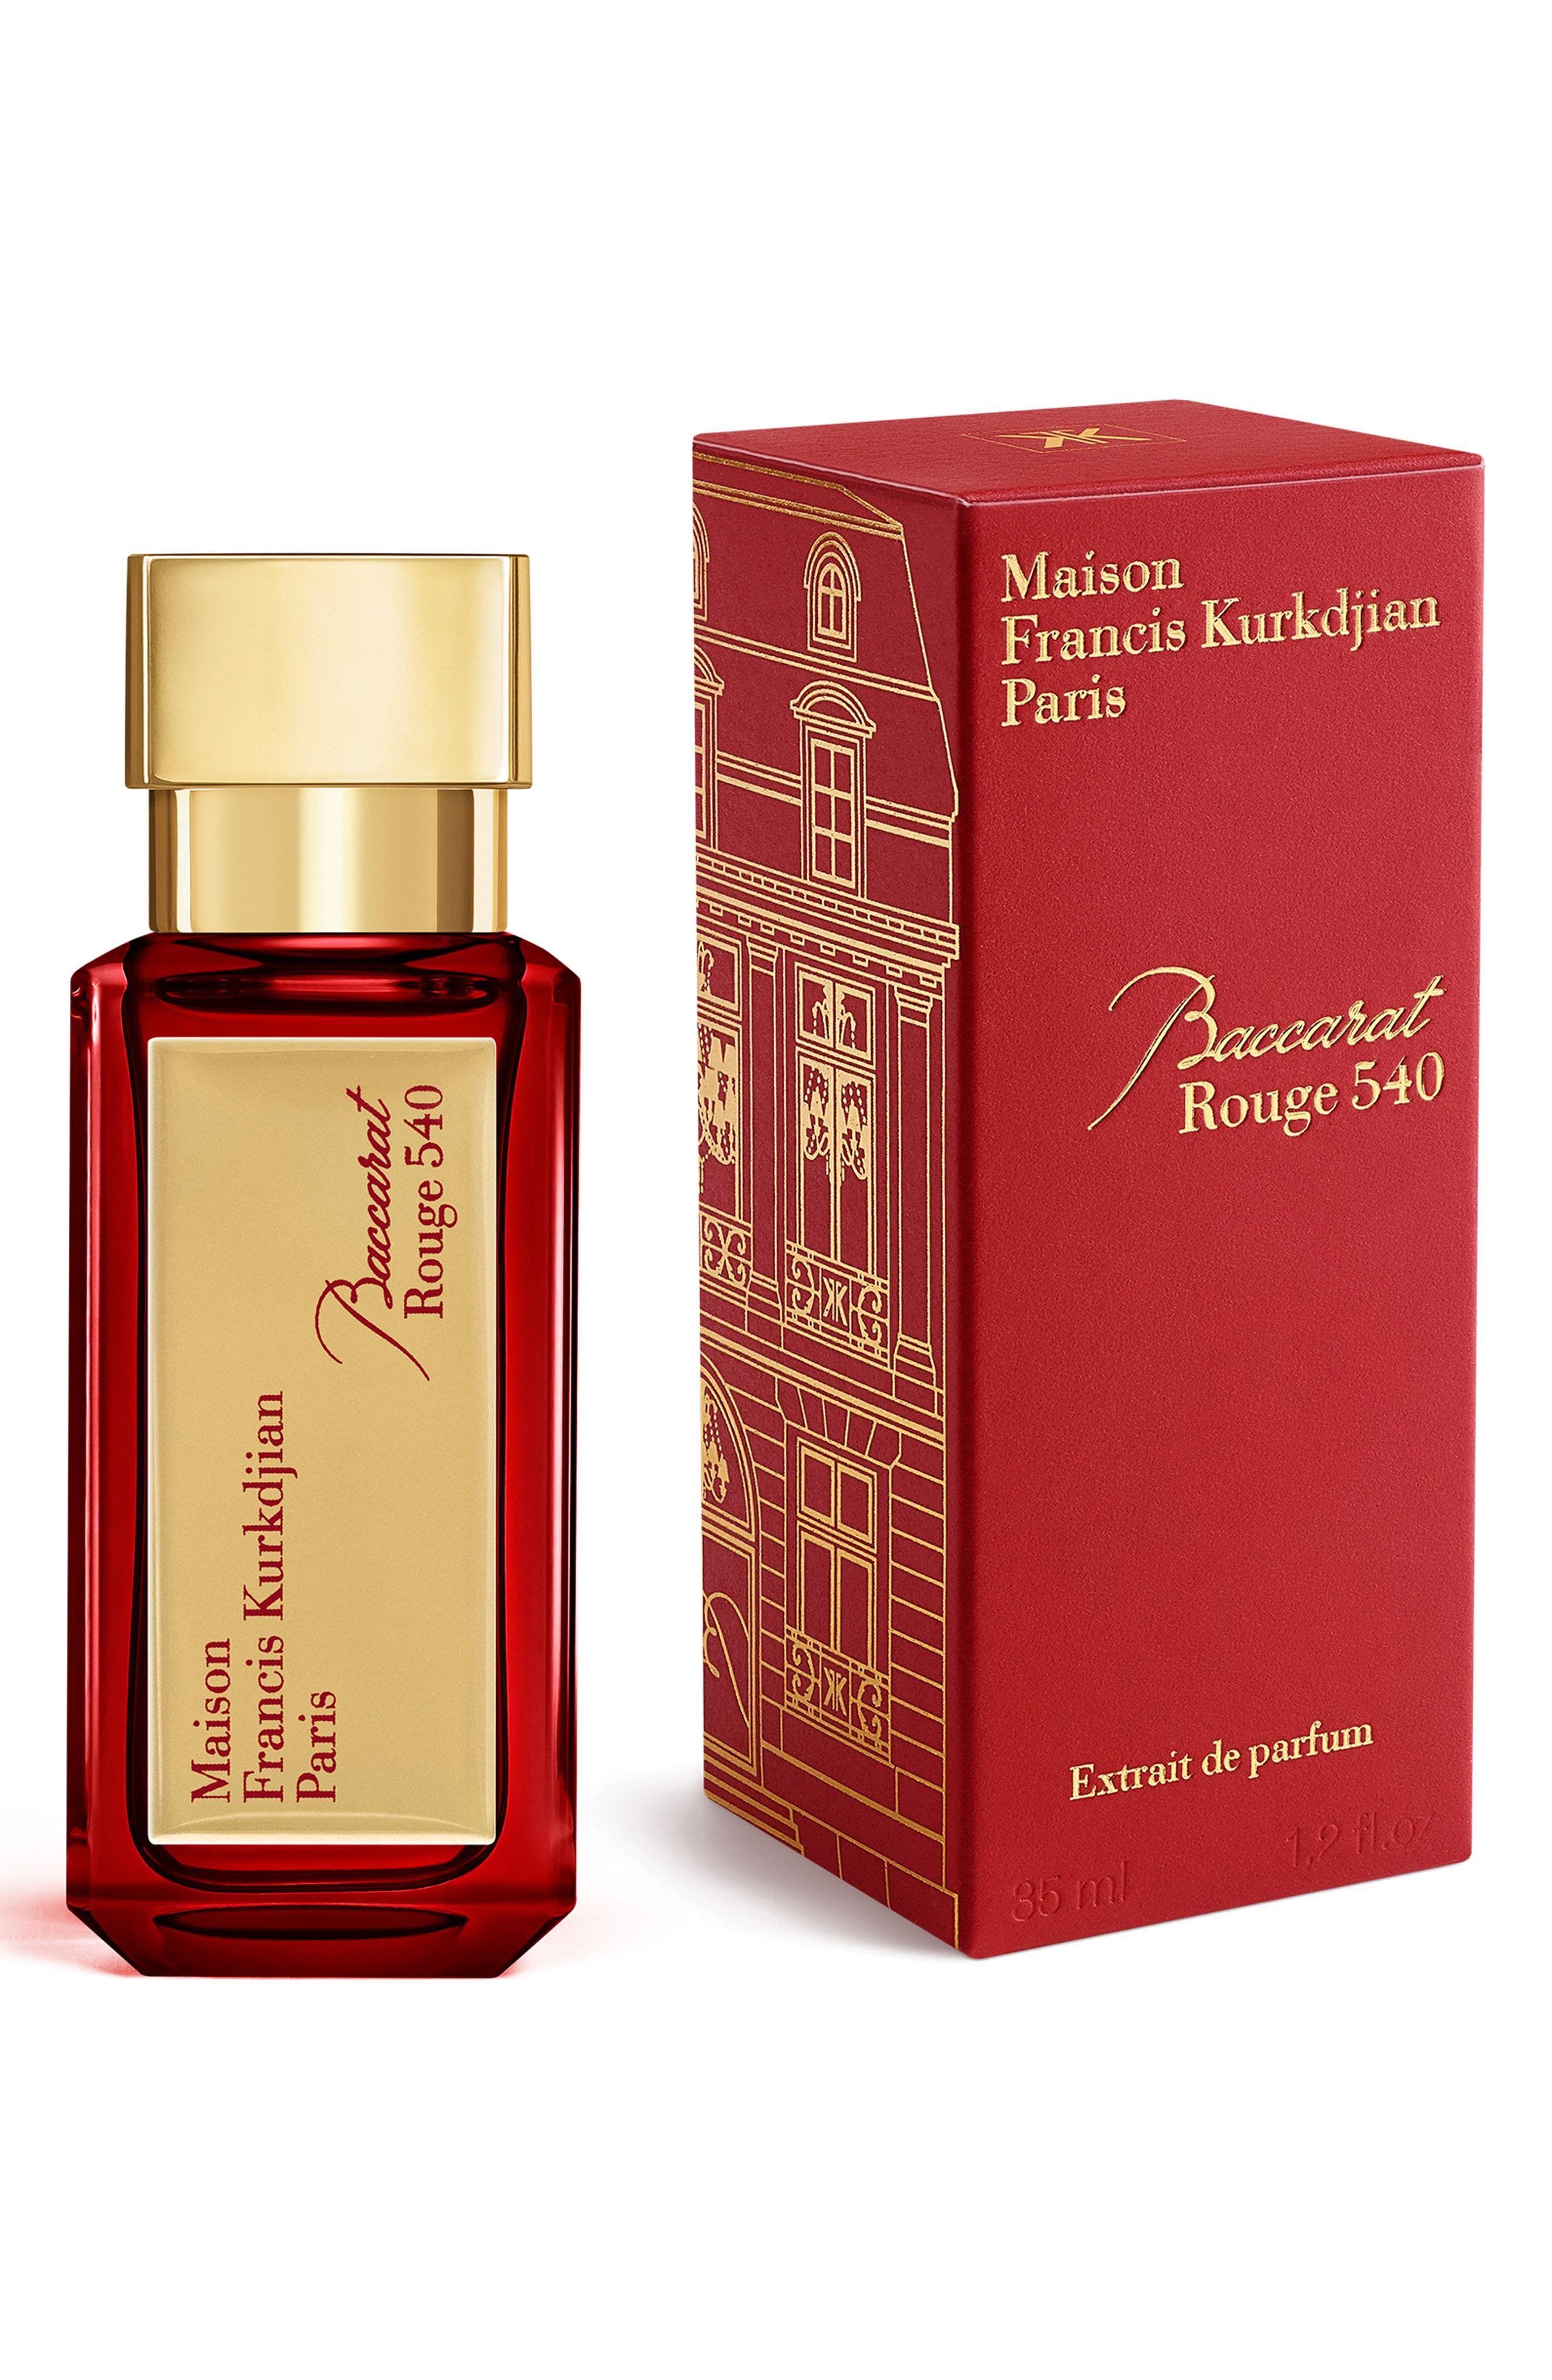 Baccarat Rouge 20 Extrait de Parfum   Nordstrom in 20   Perfume ...